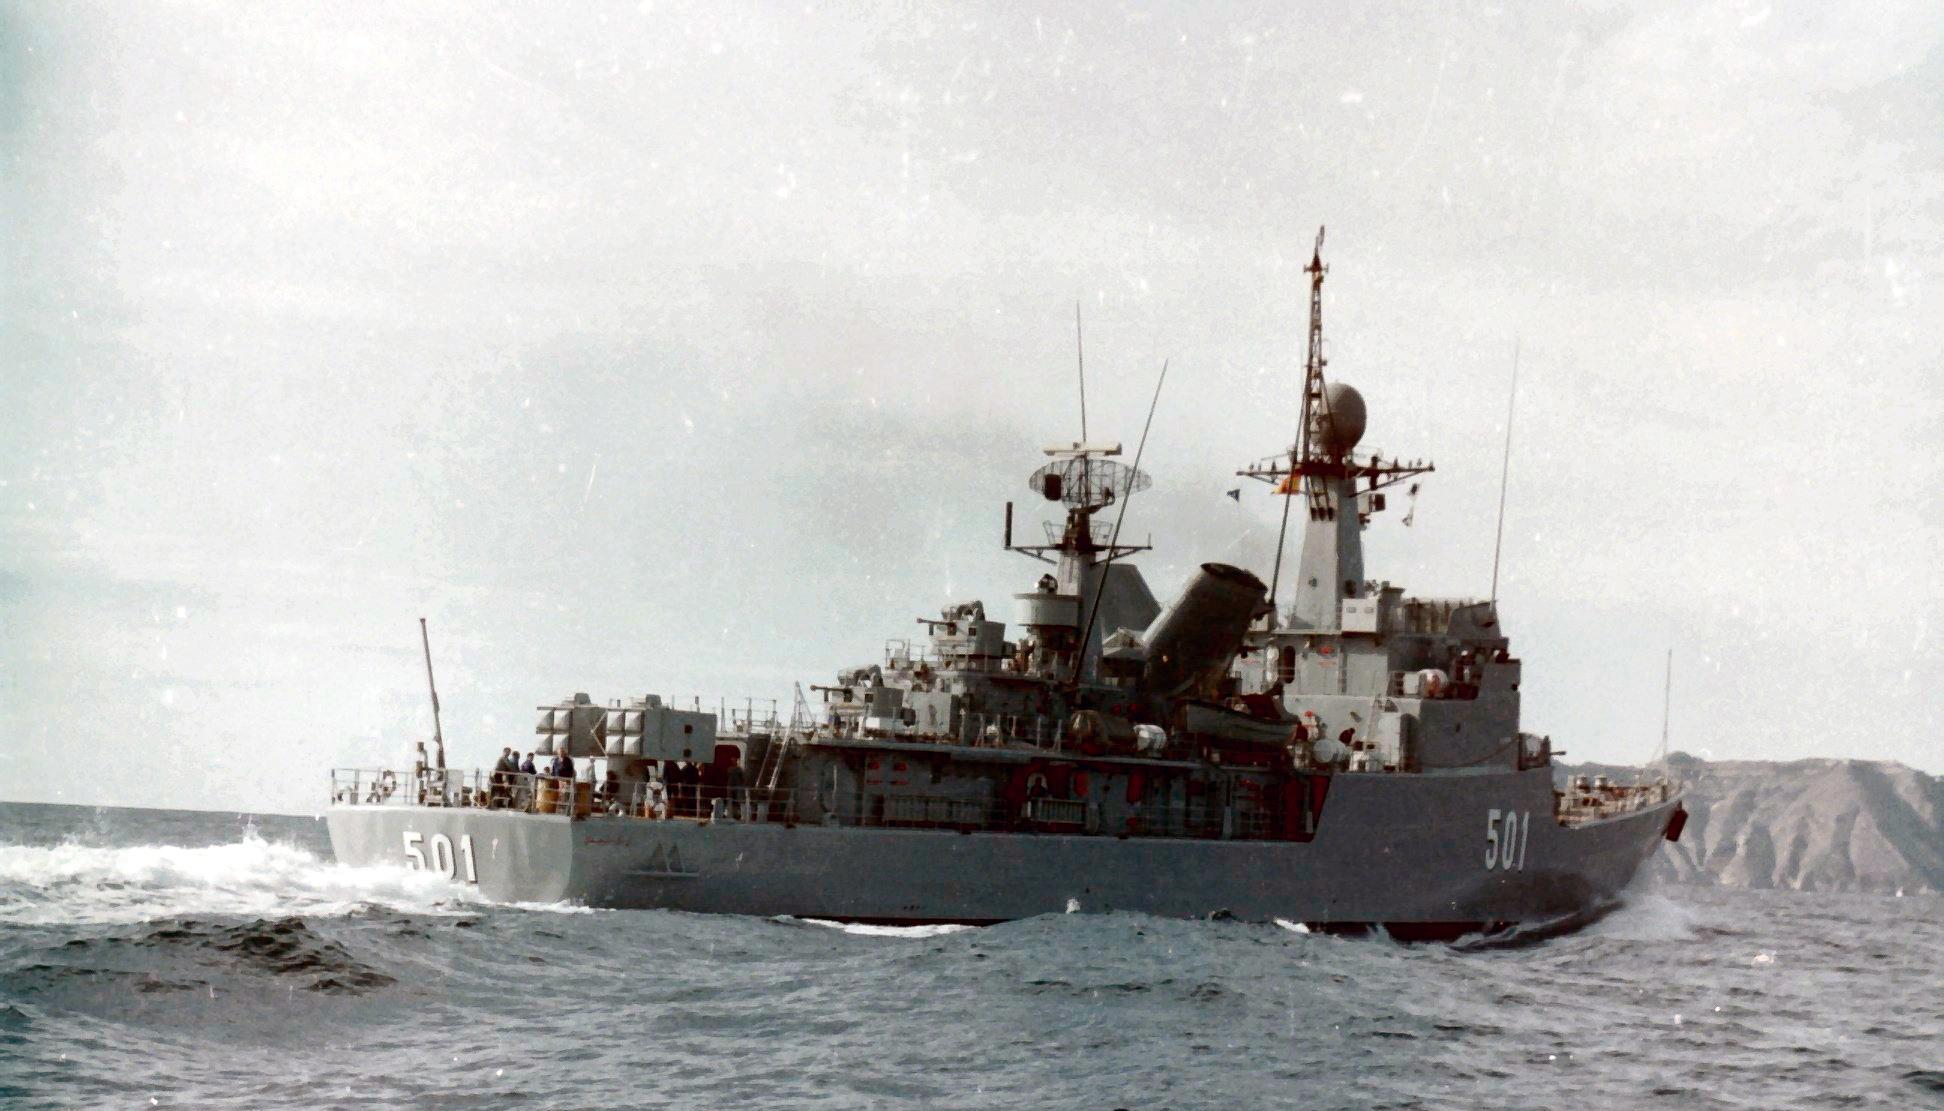 Royal Moroccan Navy Descubierta Frigate / Corvette Lt Cl Errahmani - Bâtiment École - Page 4 Clipb511